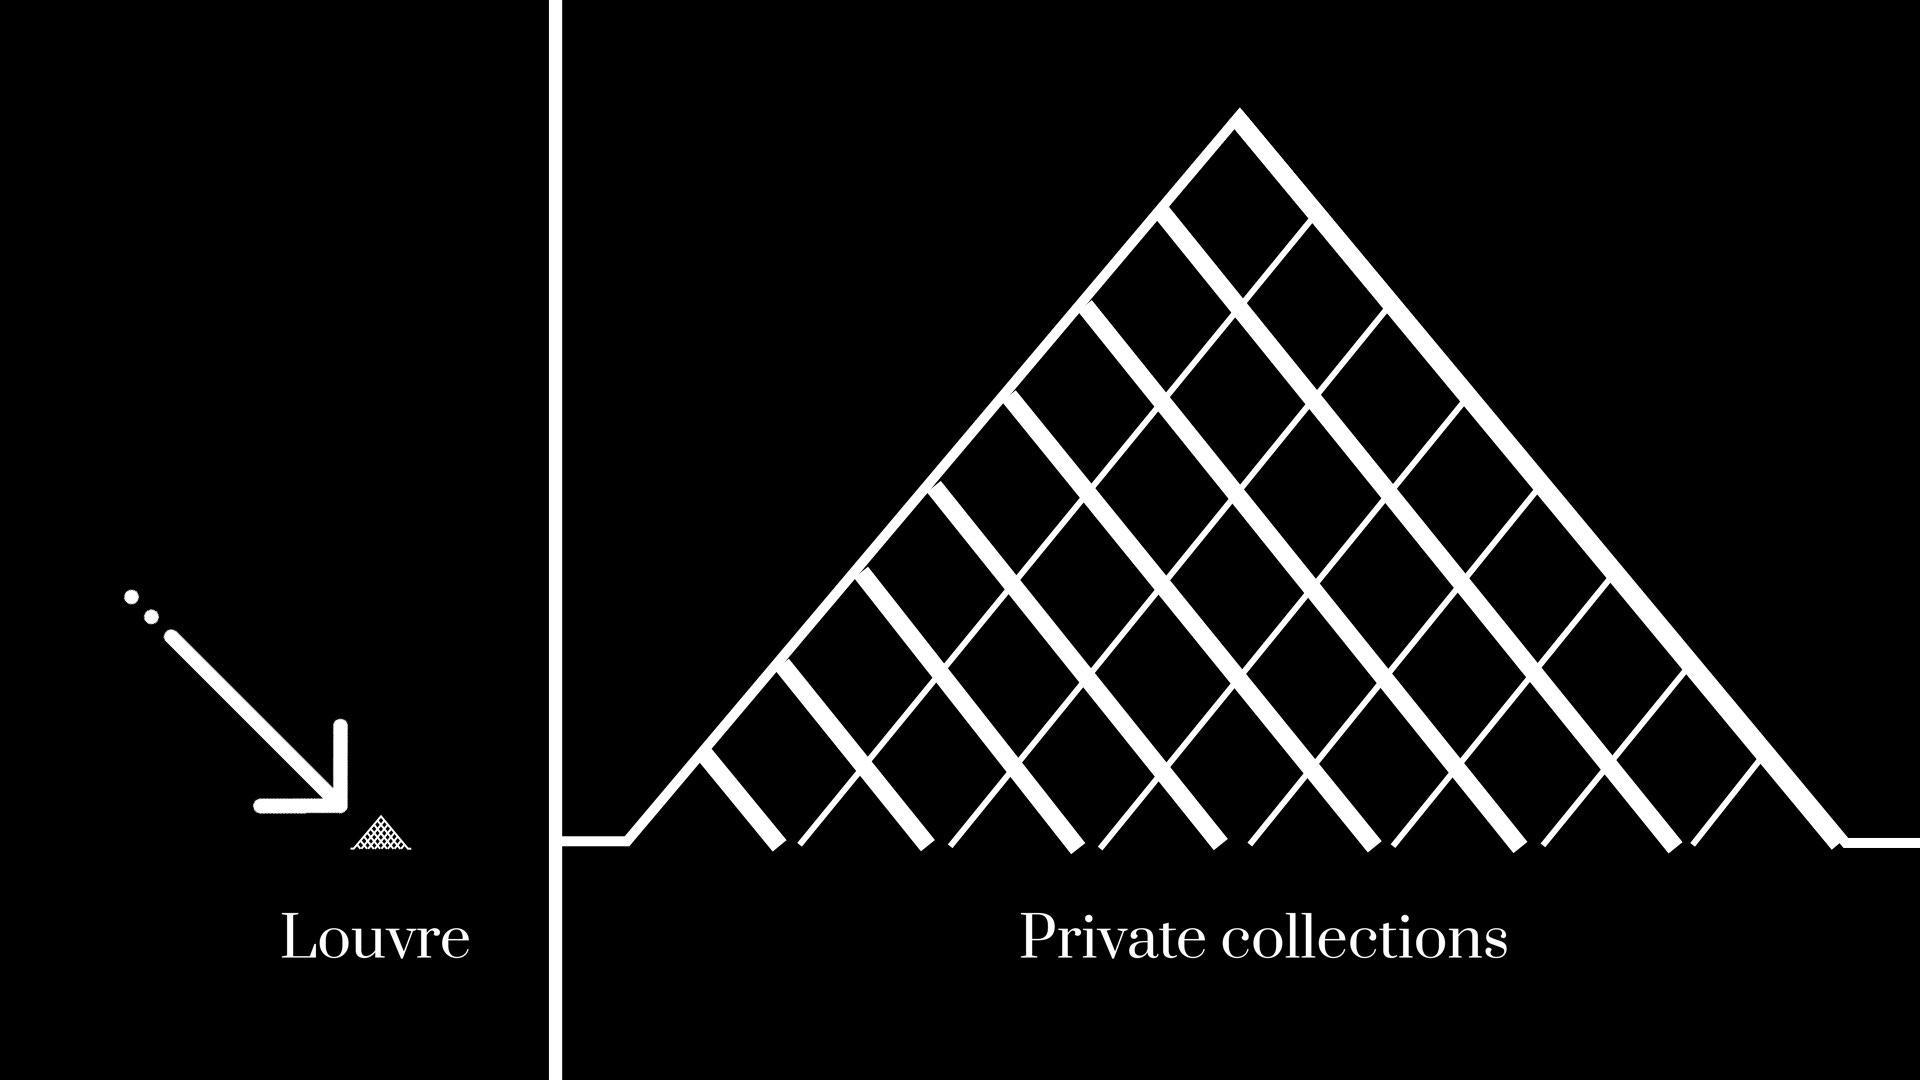 Collecteurs-Outline (01_11_2018) Vectorized - FINAL.005.jpeg